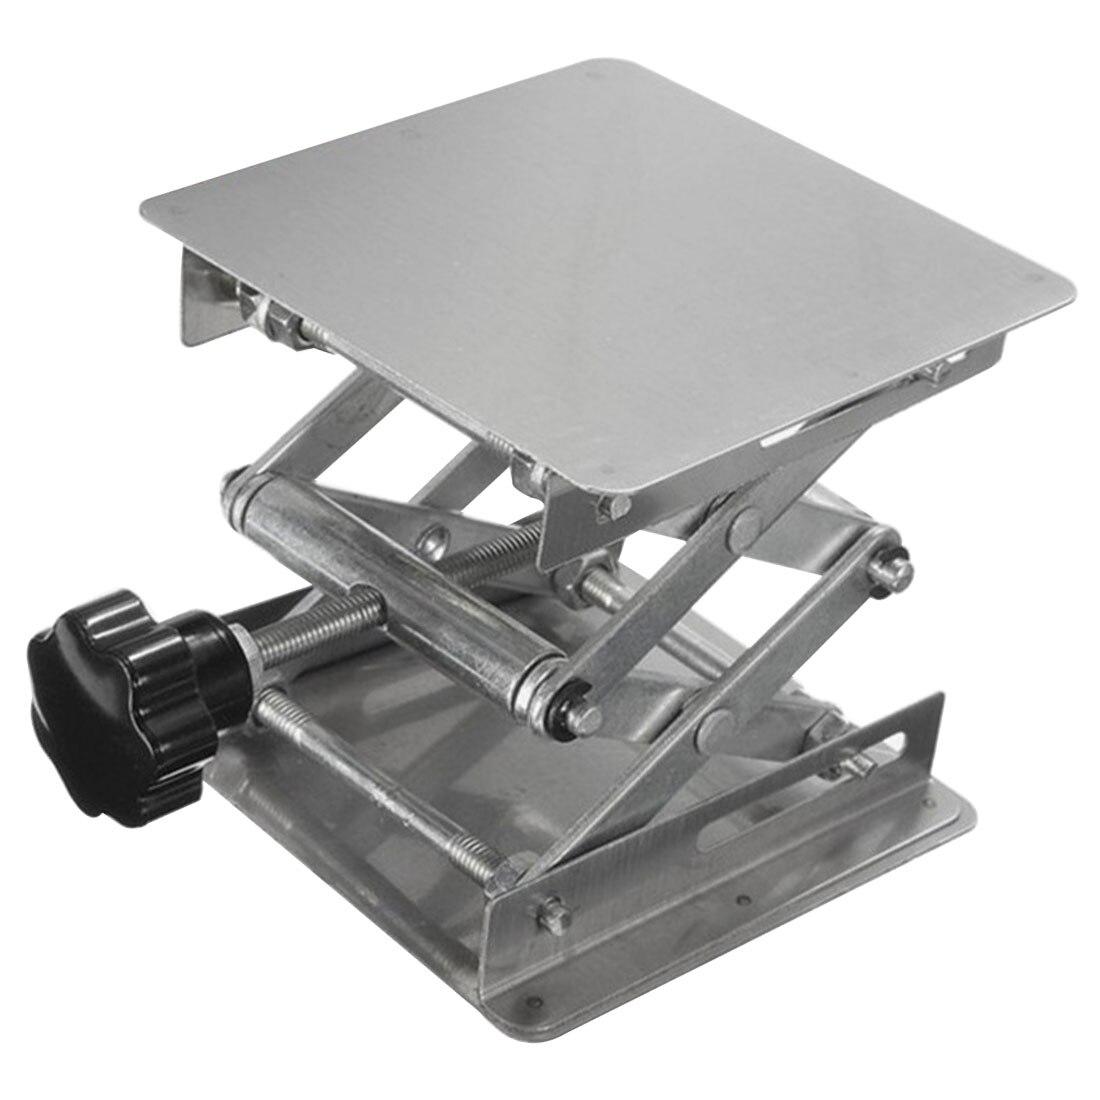 Suporte de Levantamento do Laboratório Roteador de Aço Carpintaria Gravura Plataforma Elevador Rack 100x100mm Inoxidável Mesa